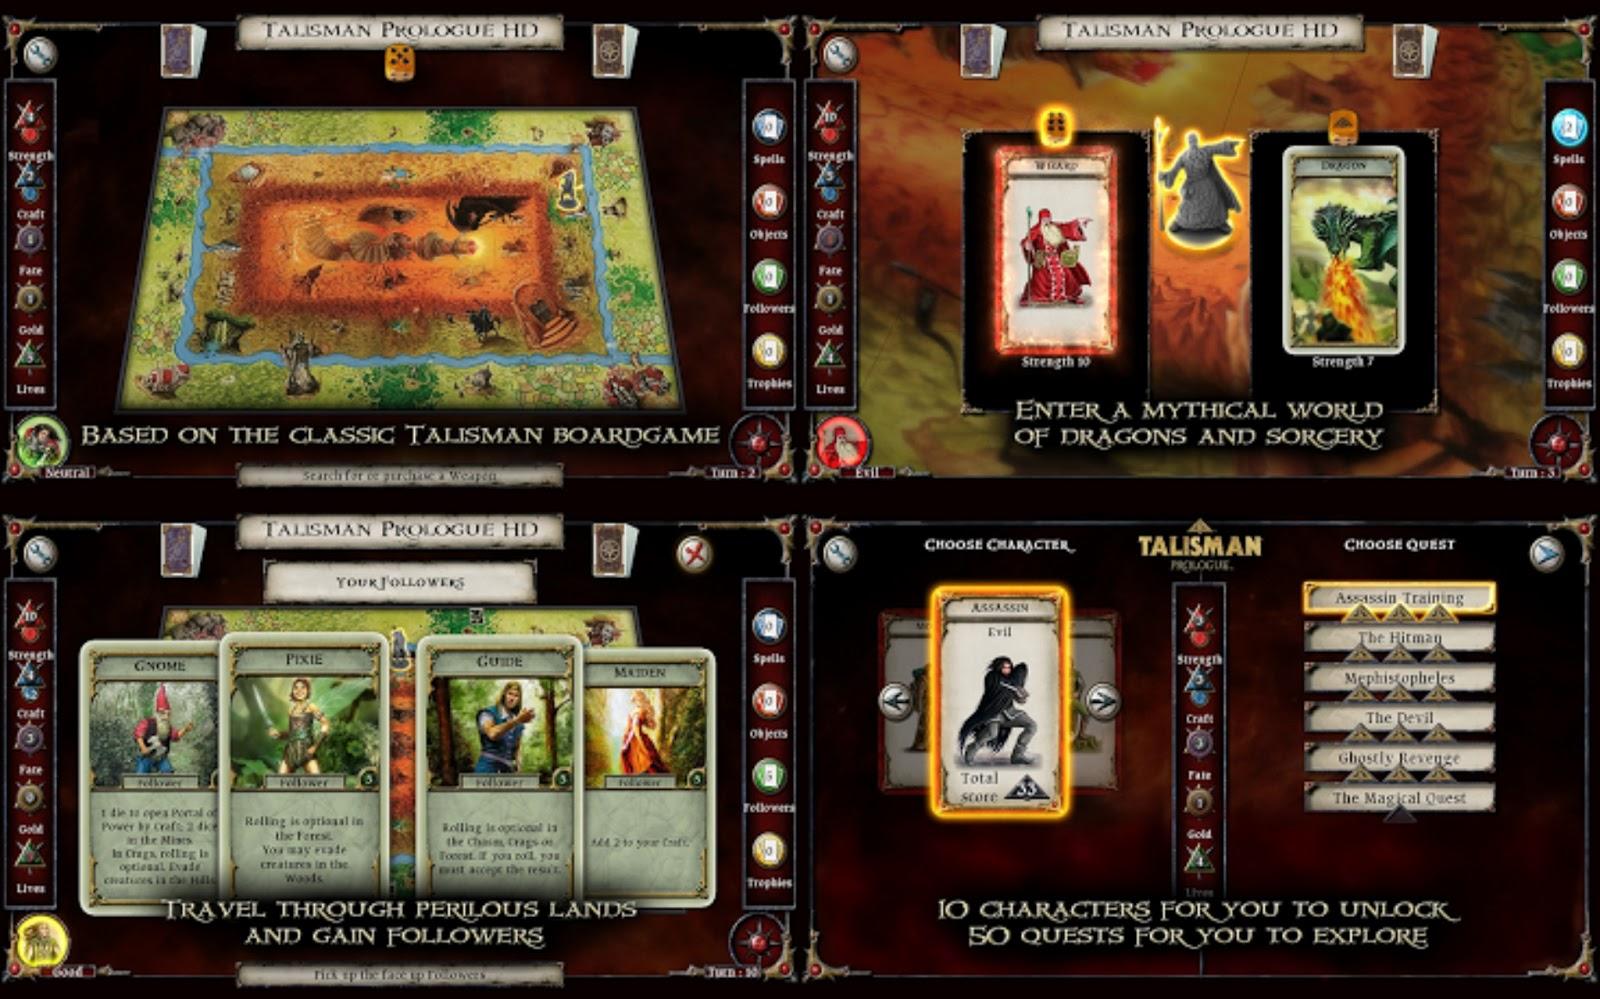 game hd mod offline apk data game hd offline apk data